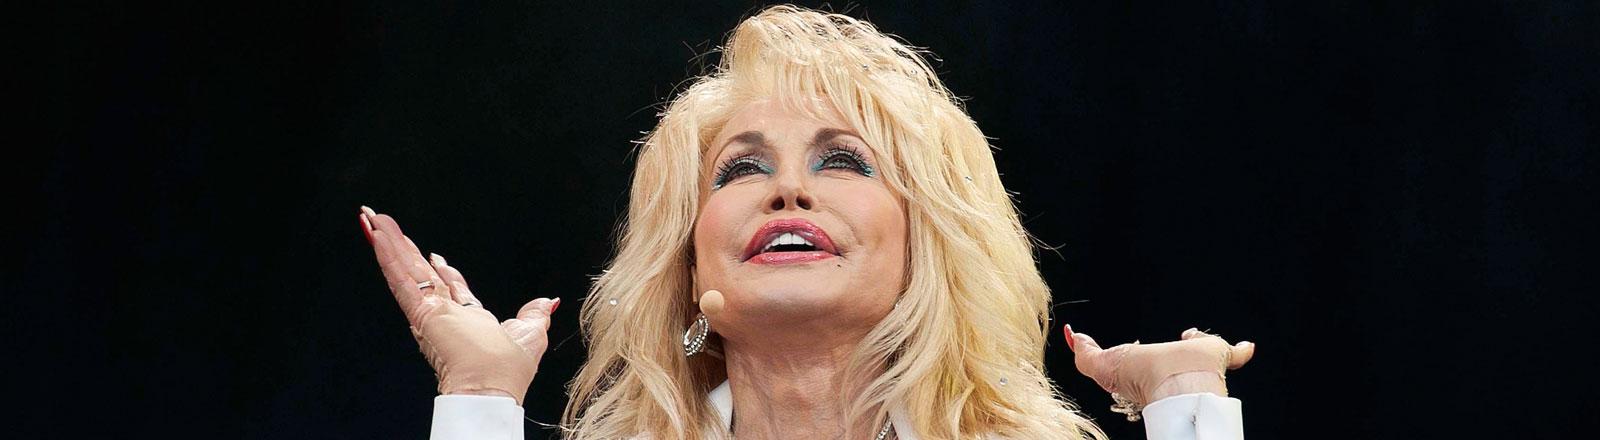 Die US-amerikanische Country-Sängerin Dolly Parton bei einem Auftritt 2014